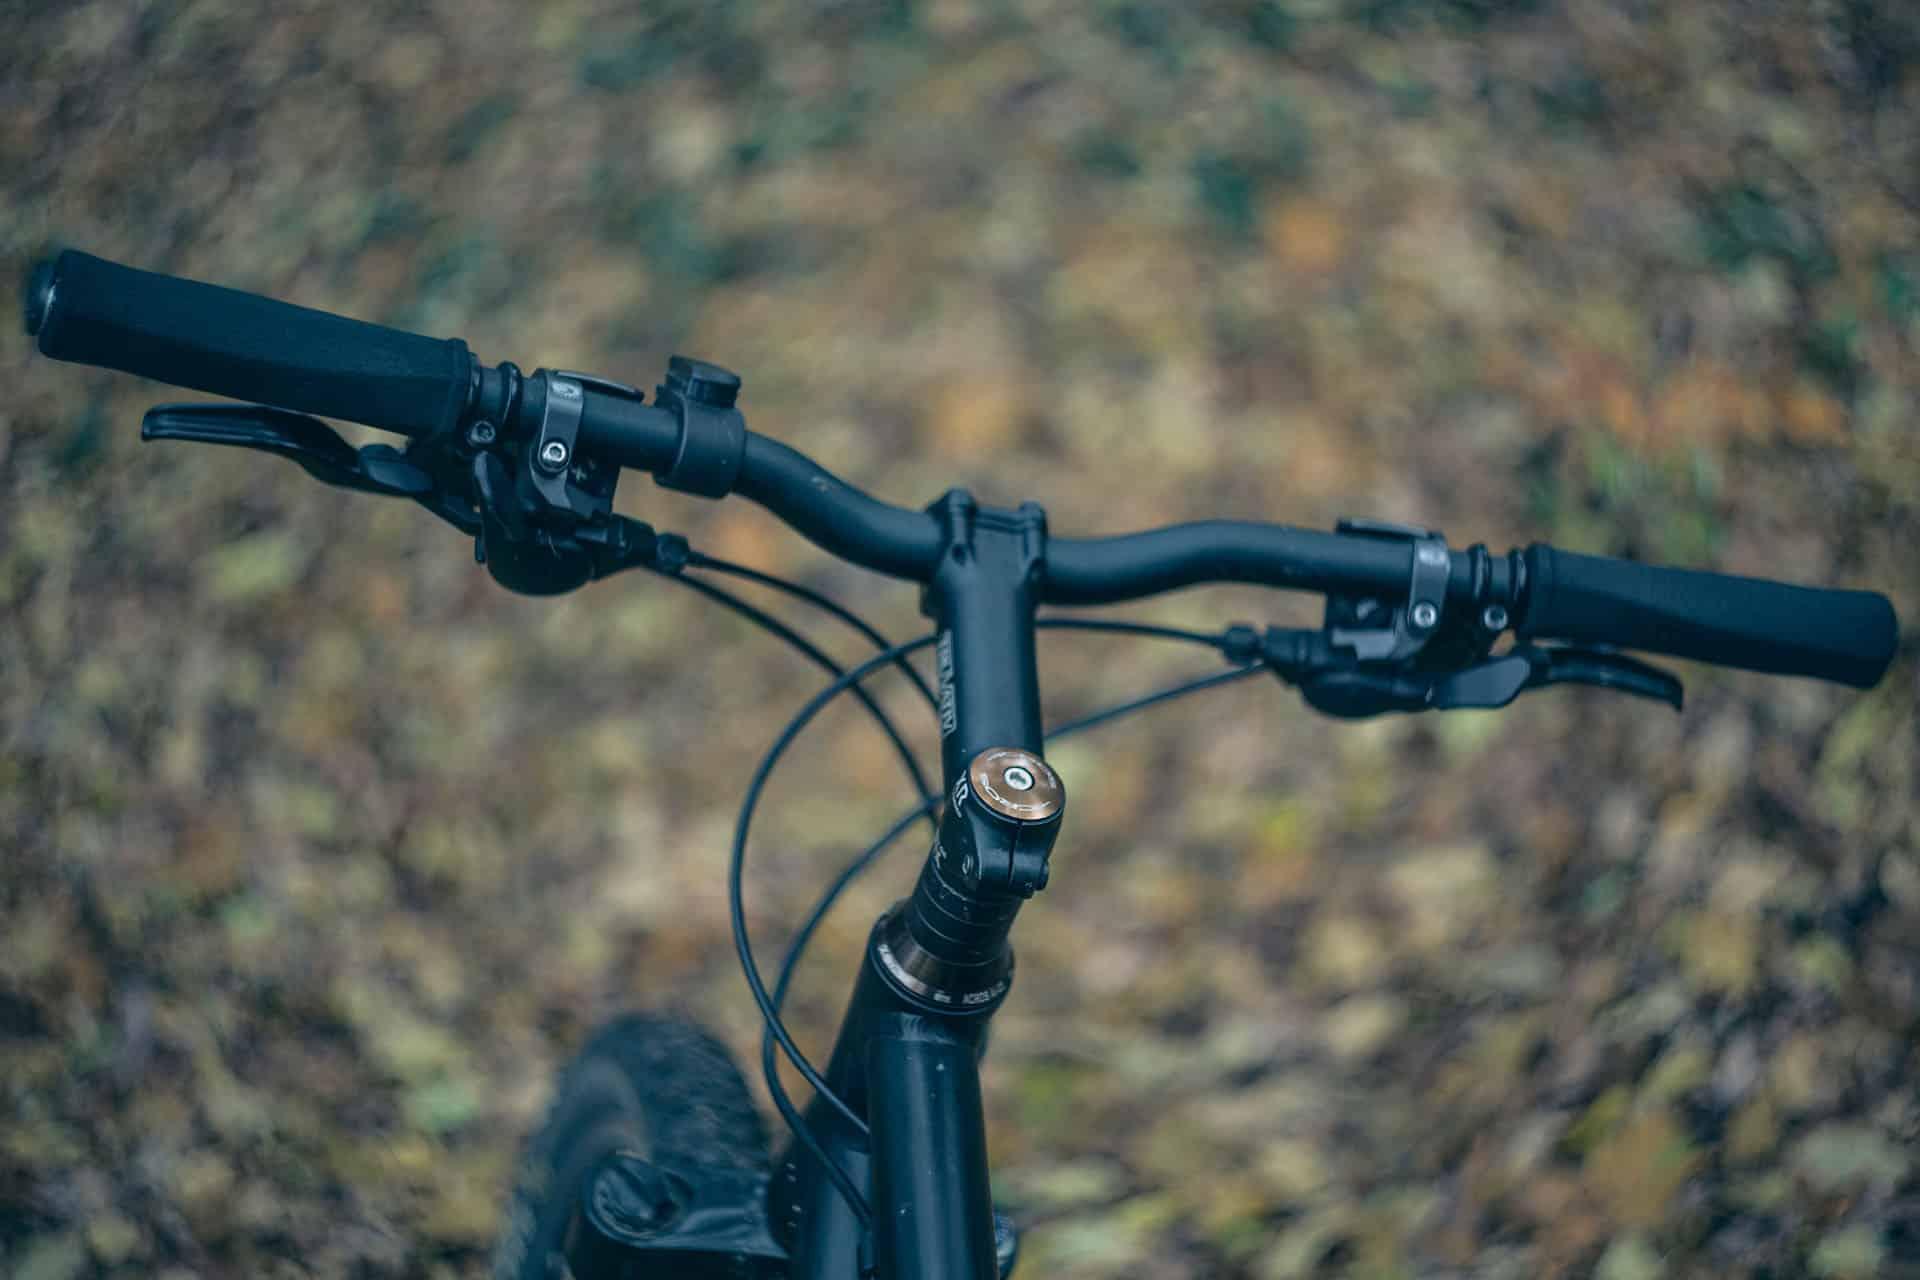 WD-40 Bike mountainbike fietsketting schoonmaken